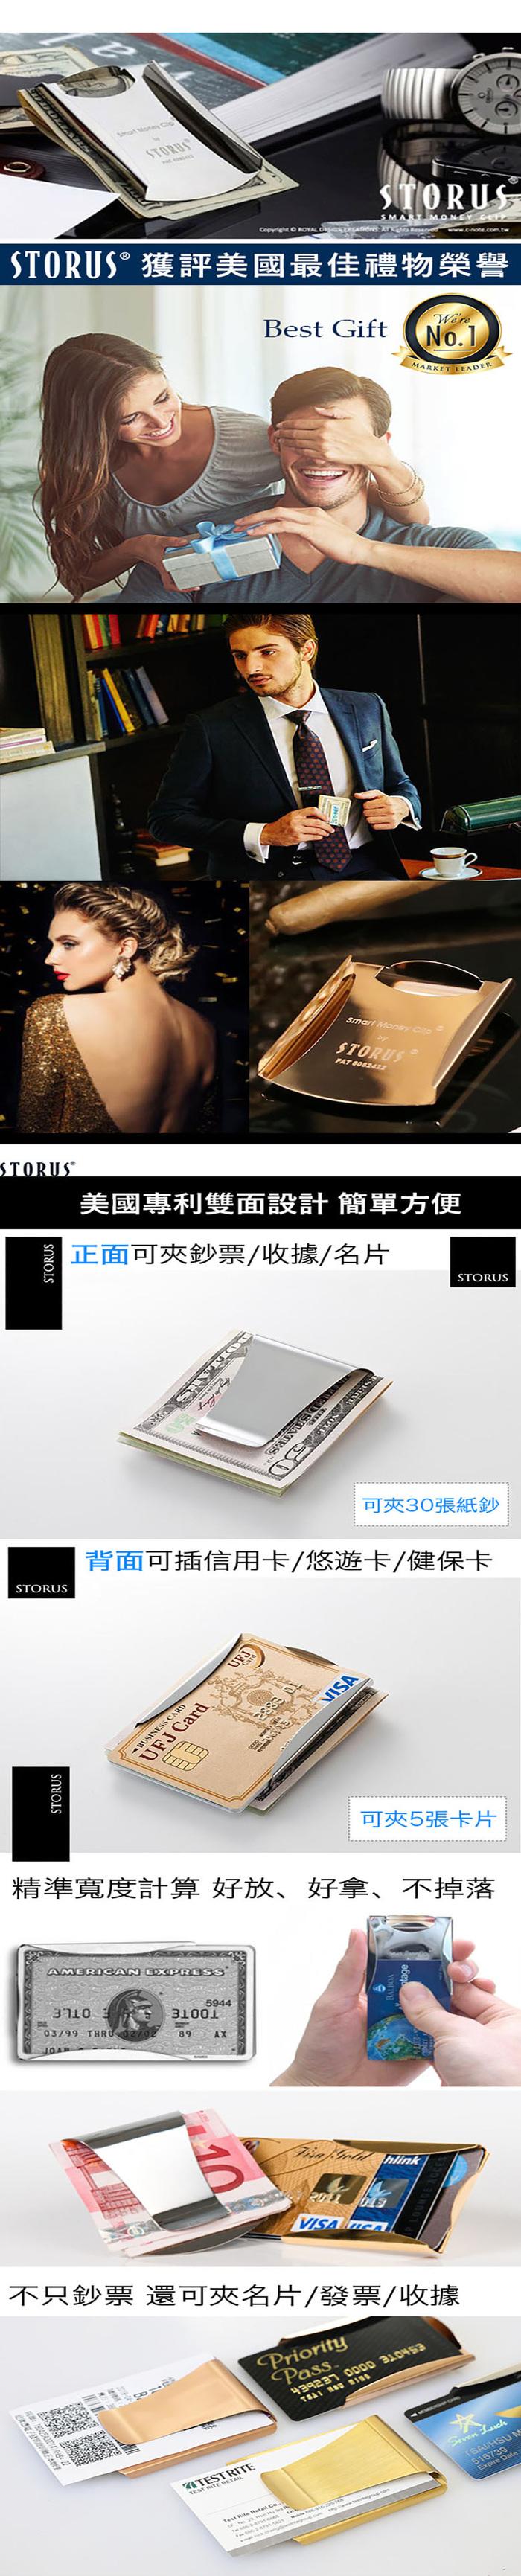 美國STORUS|聰明錢夾 專利設計時尚鈔票夾 -  閃耀銀